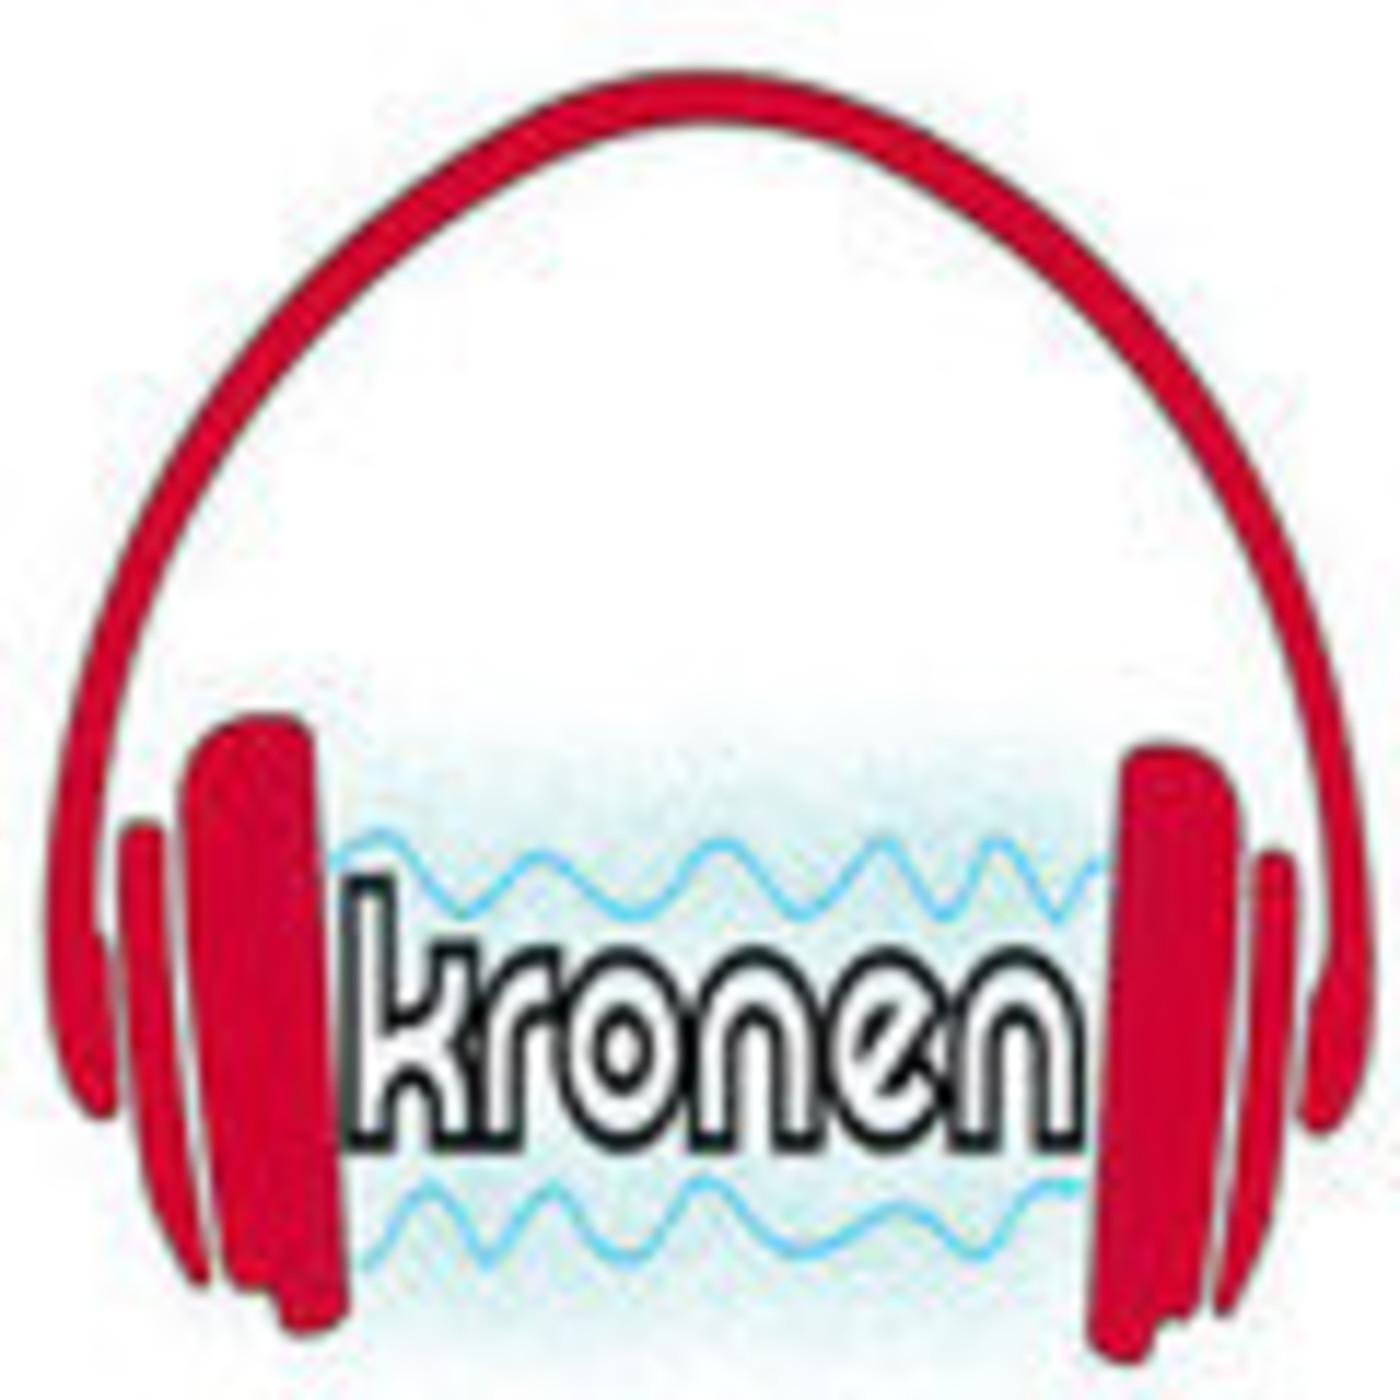 Radio Kronen